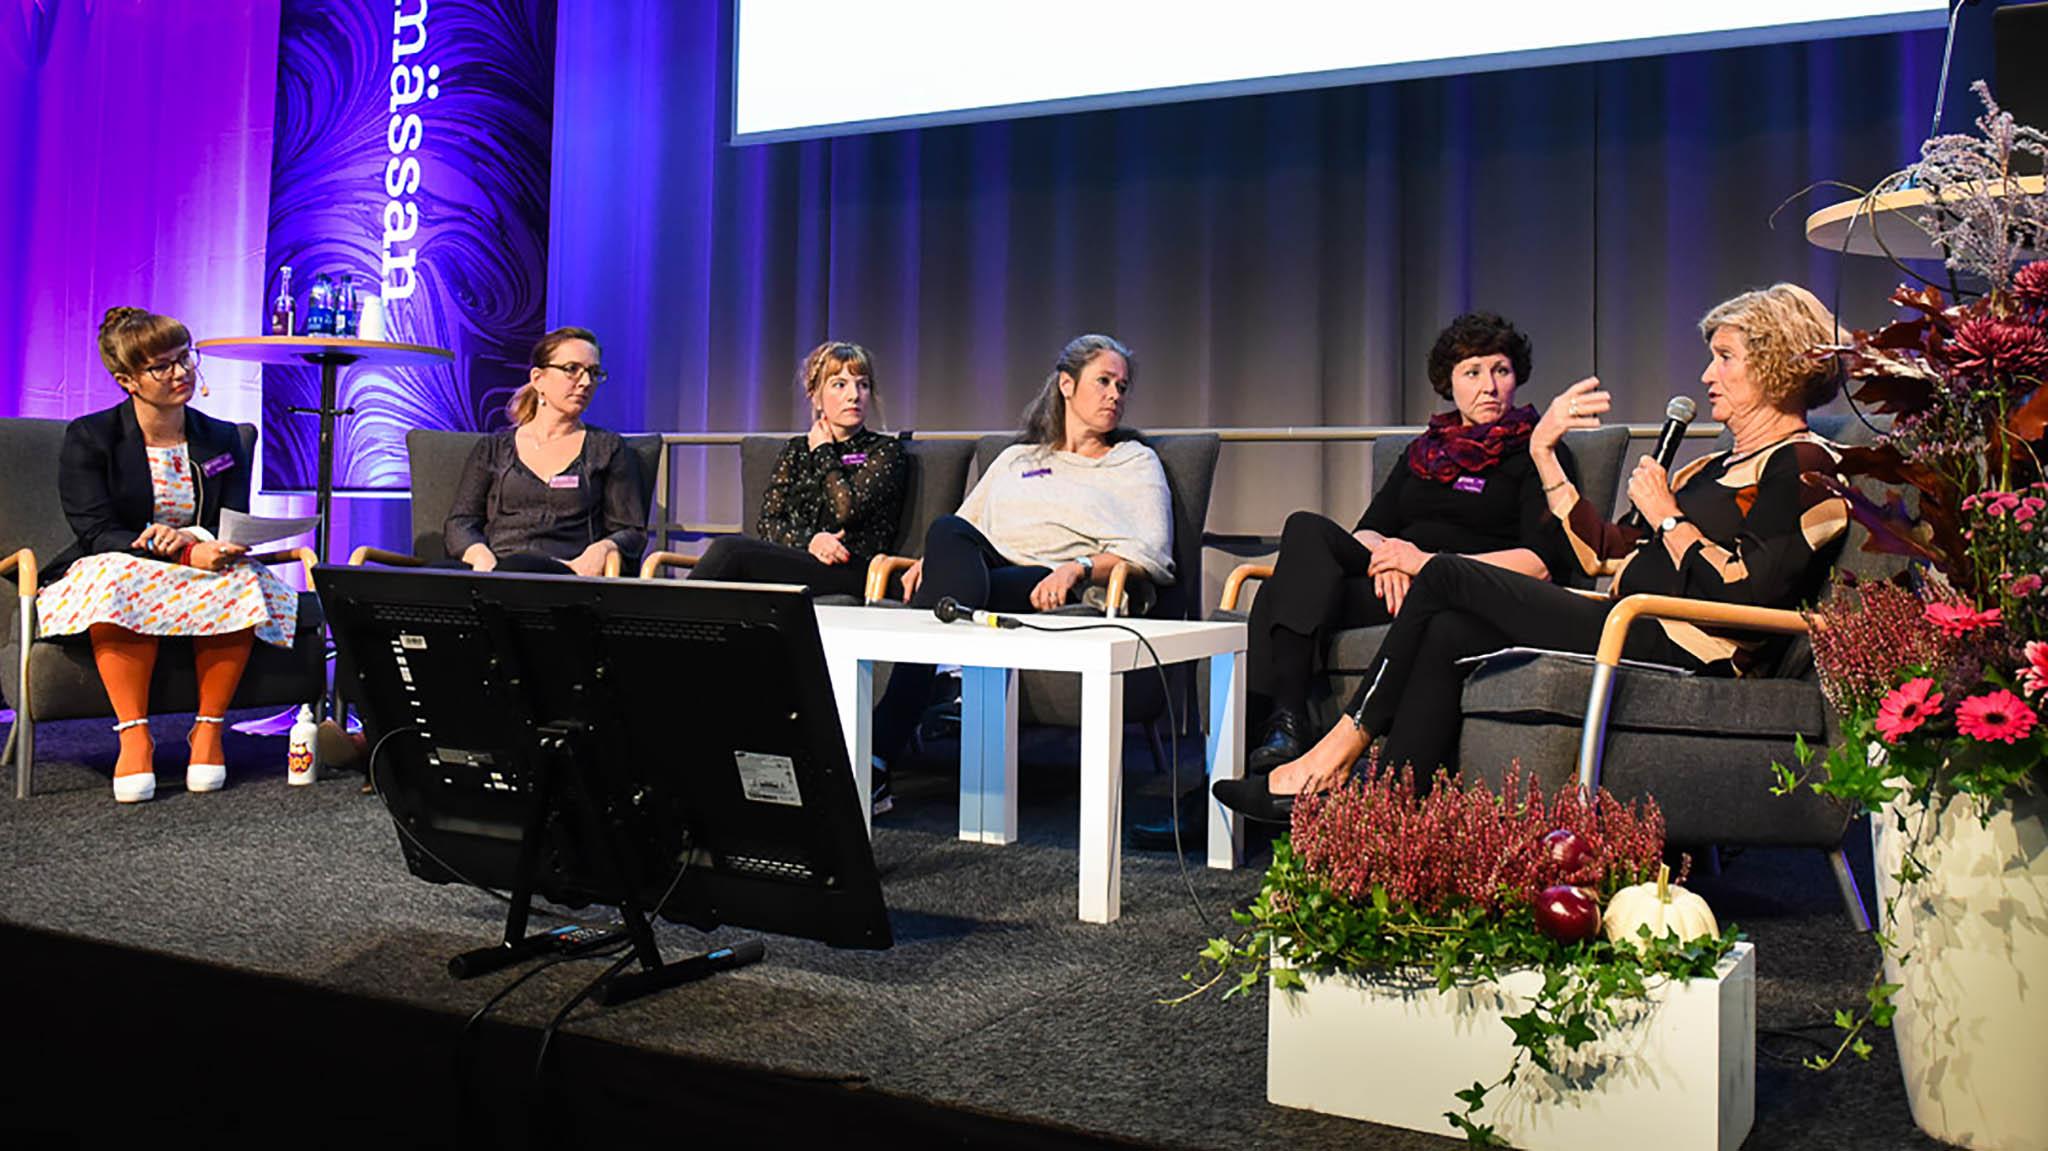 Ulrika Centerwall, Maria Schedvin, Teresia Palander, Anna-My Zetterberg, Anna Runberger och Louise Limberg. Foto: Stina Loman